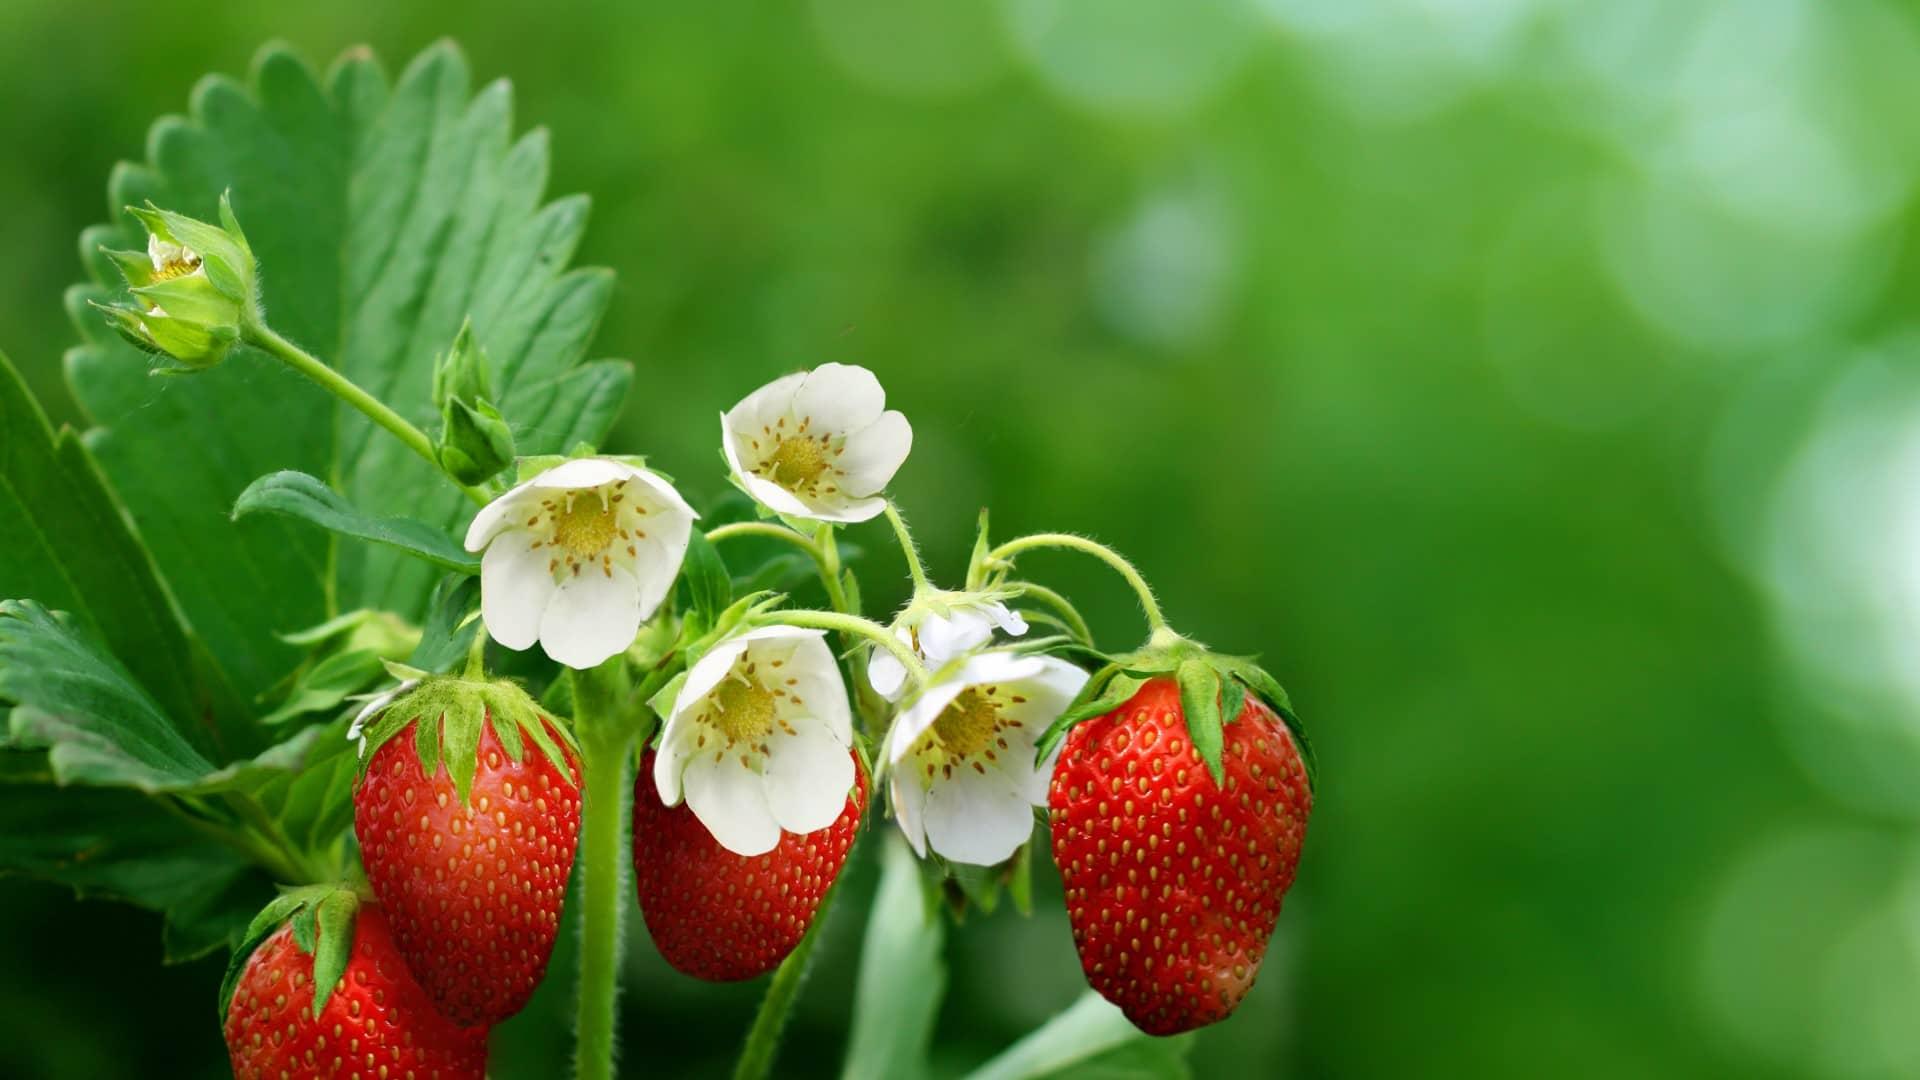 Чем подкормить садовую землянику: меню для «королевы» огорода